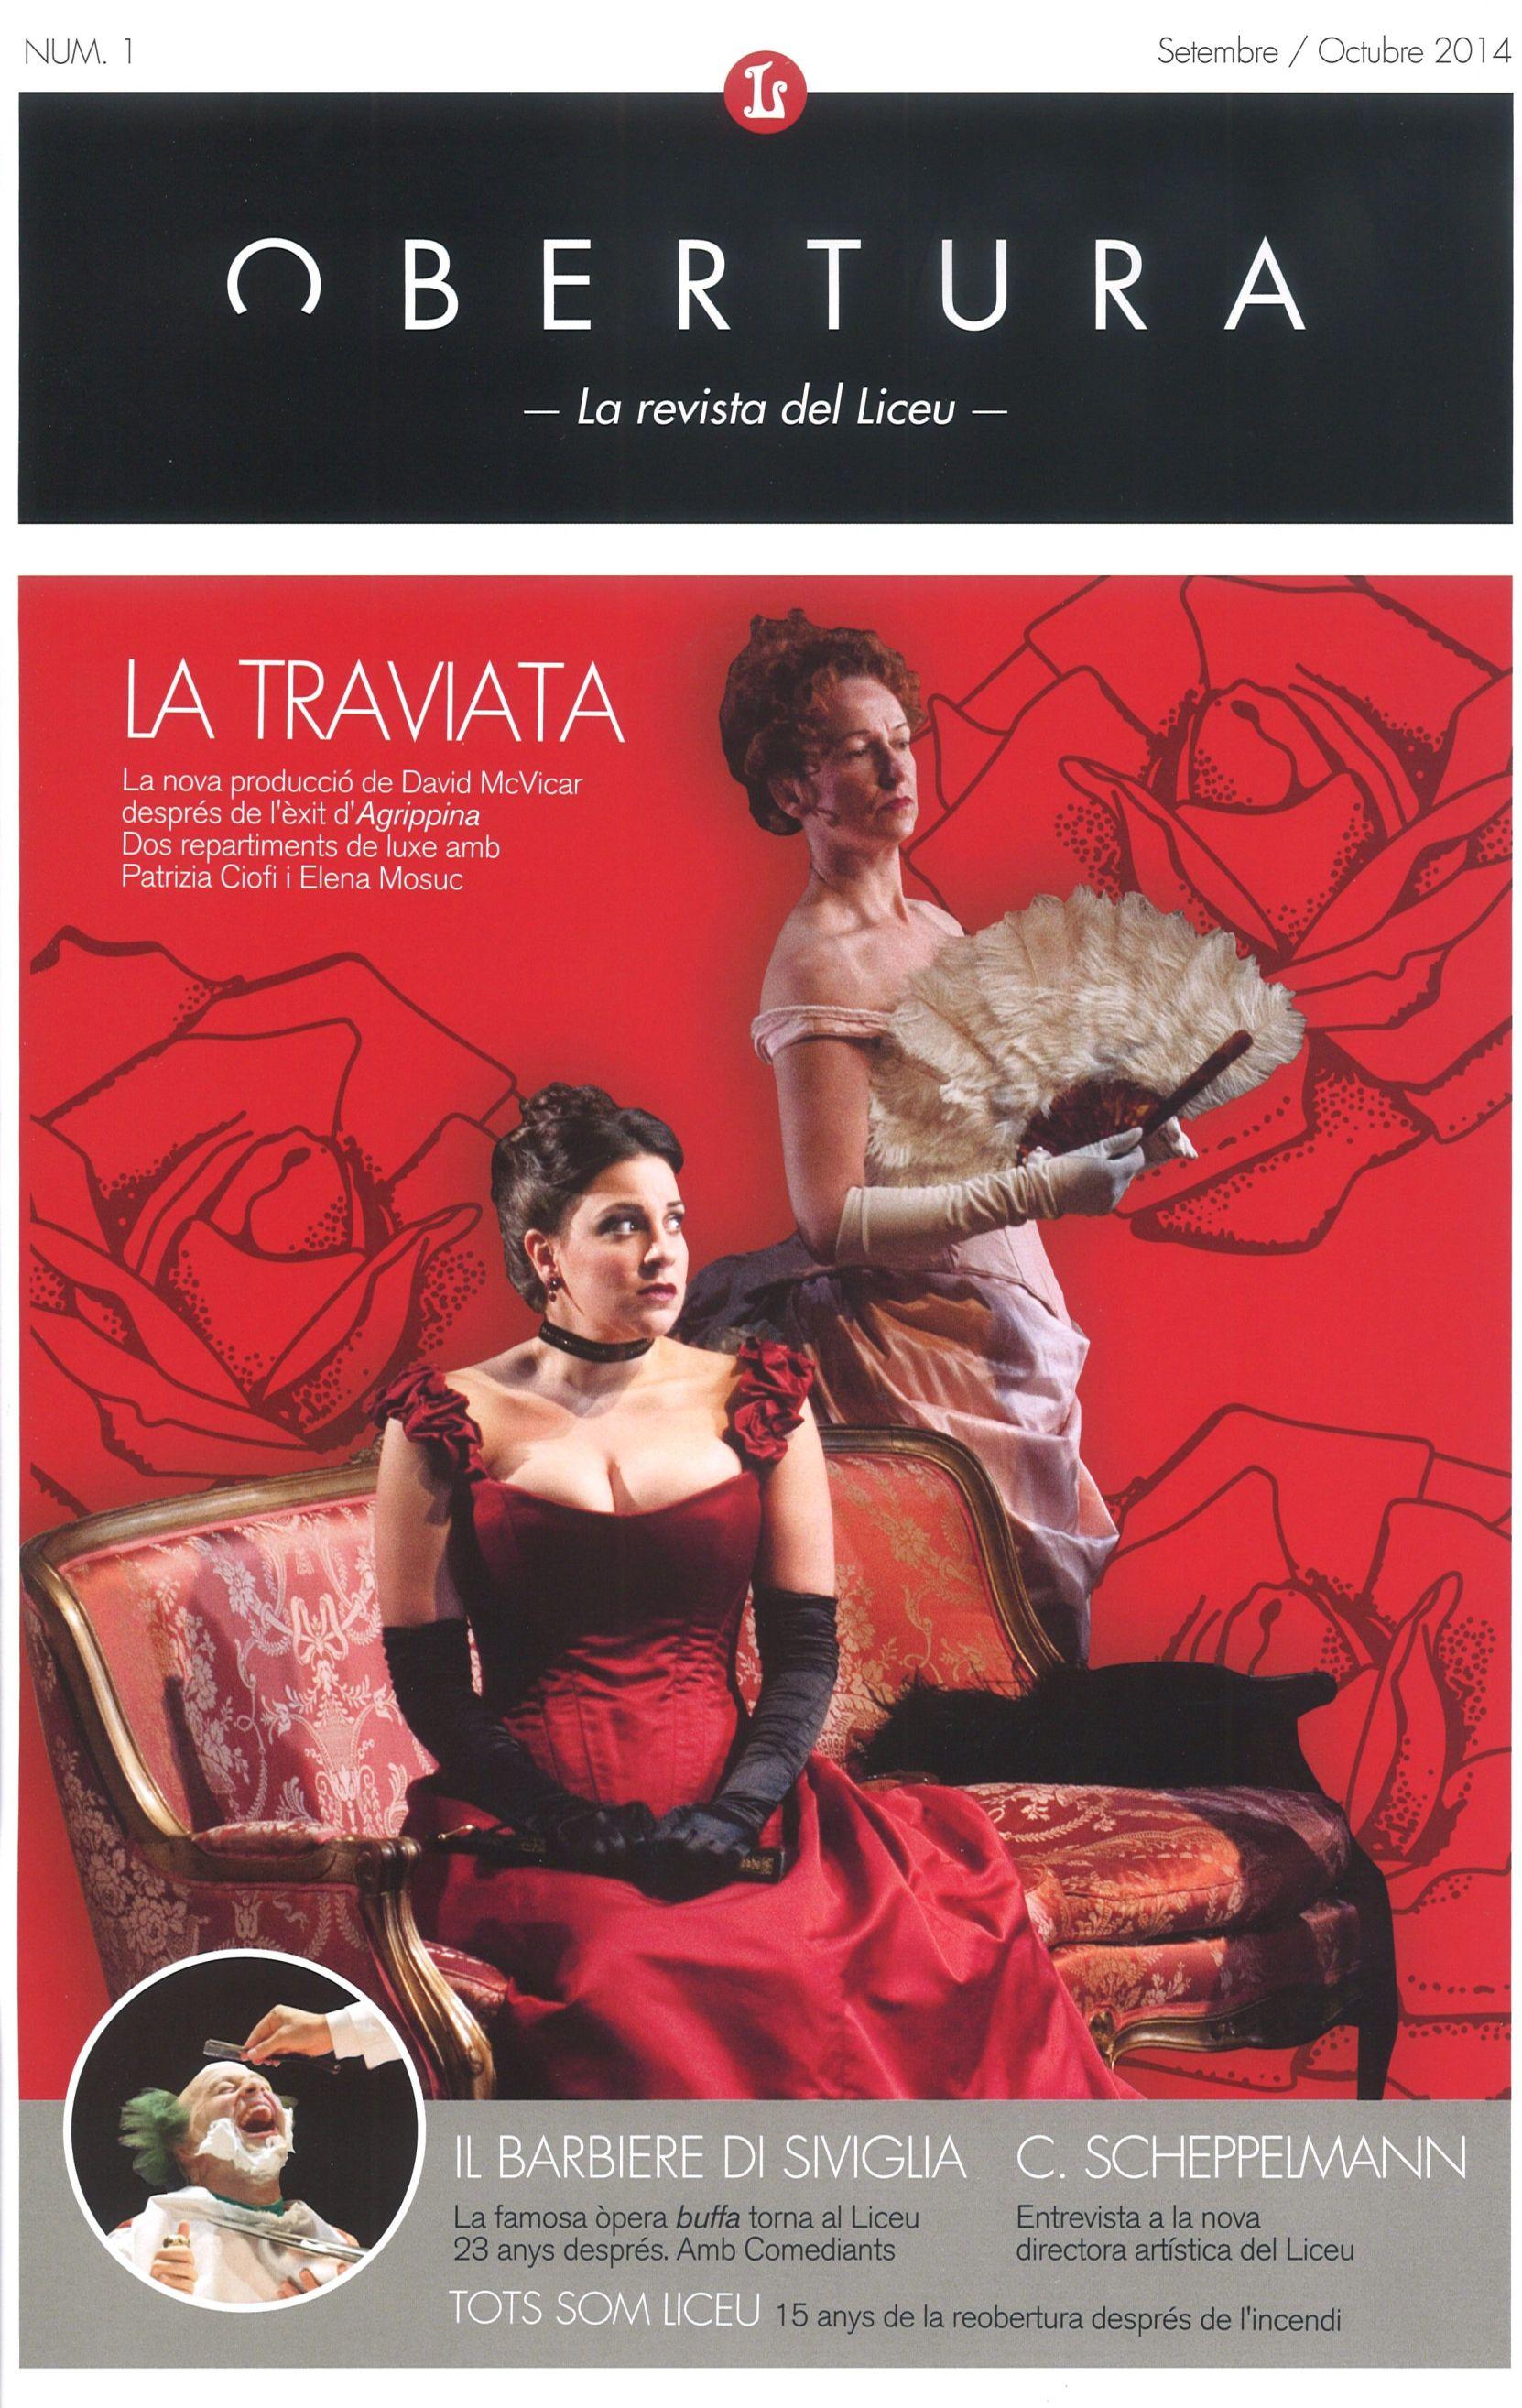 OBERTURA, La Nova Revista Del Liceu